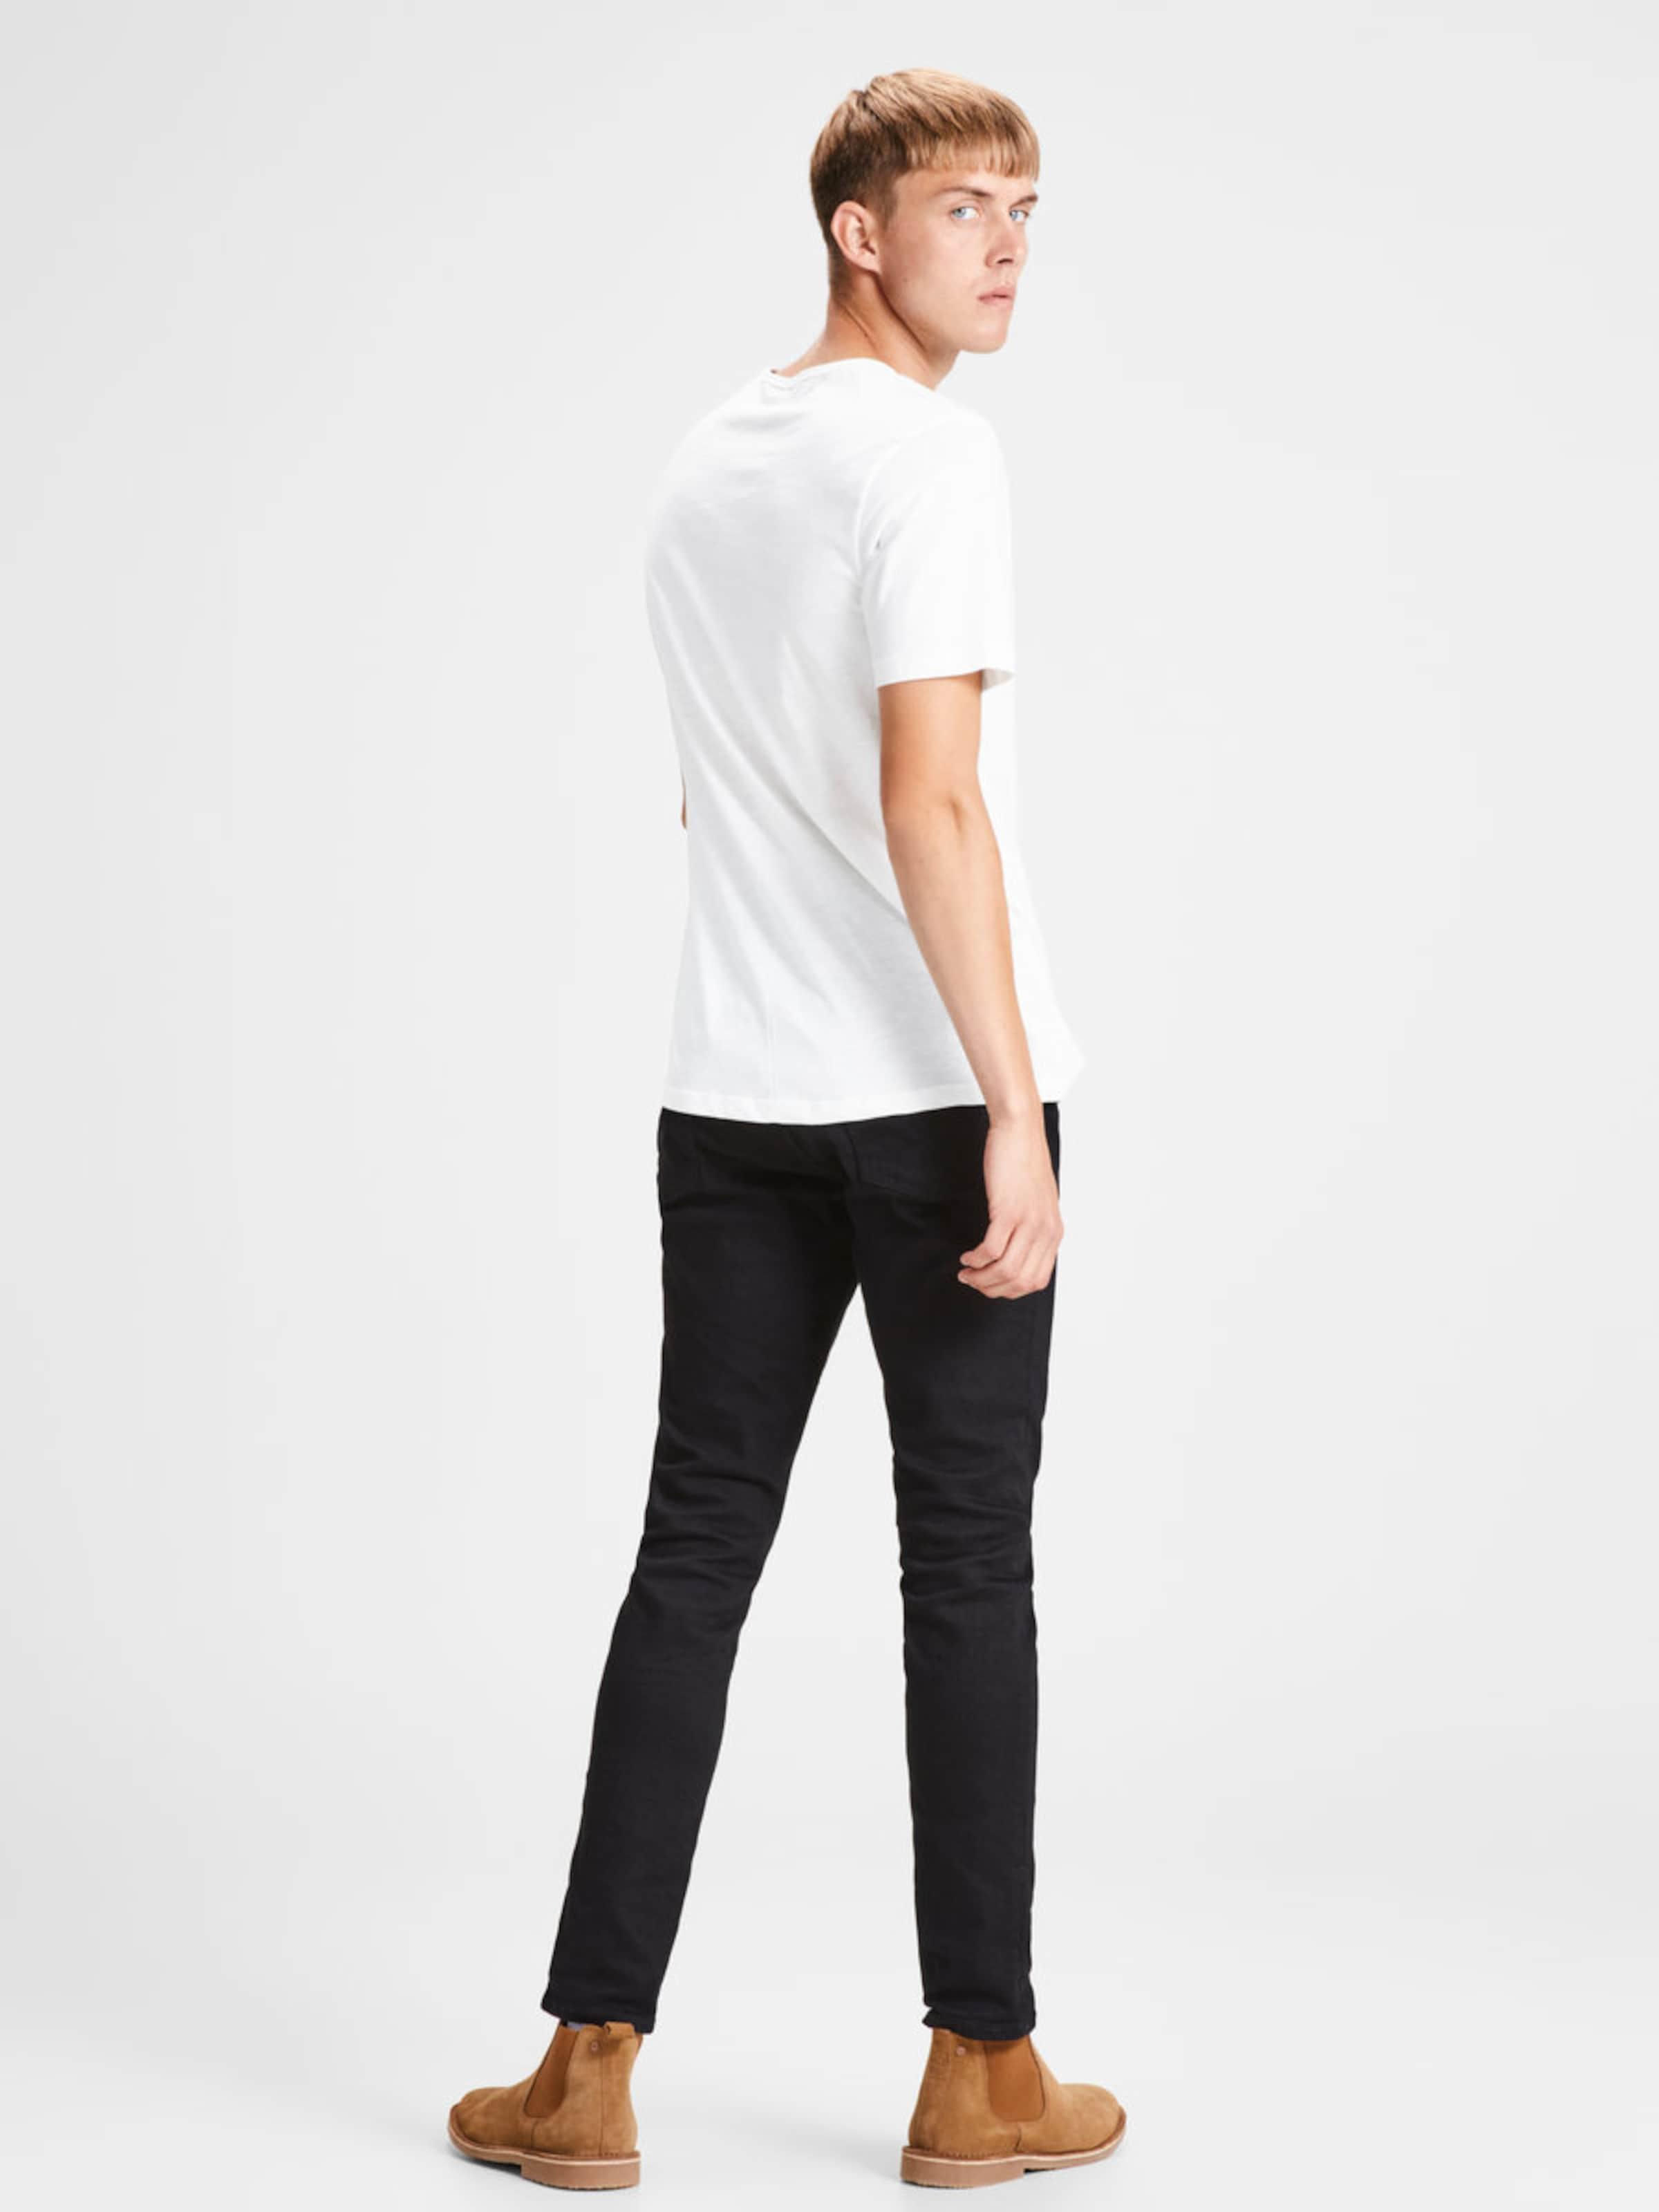 Jones T Weiß shirt In Jackamp; 8n0PkwO